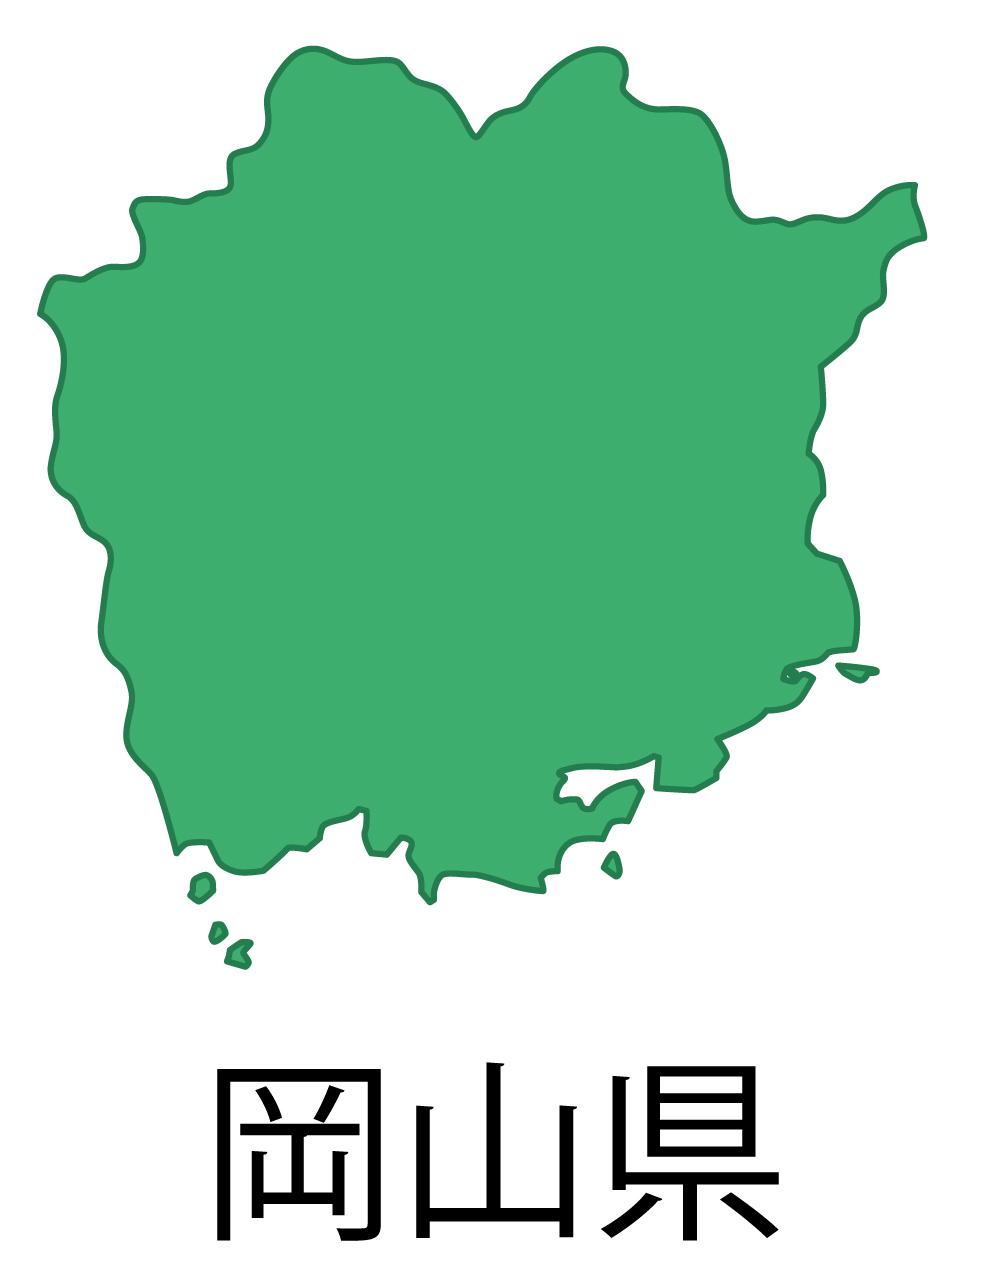 岡山県無料フリーイラスト|日本語・都道府県名あり(緑)